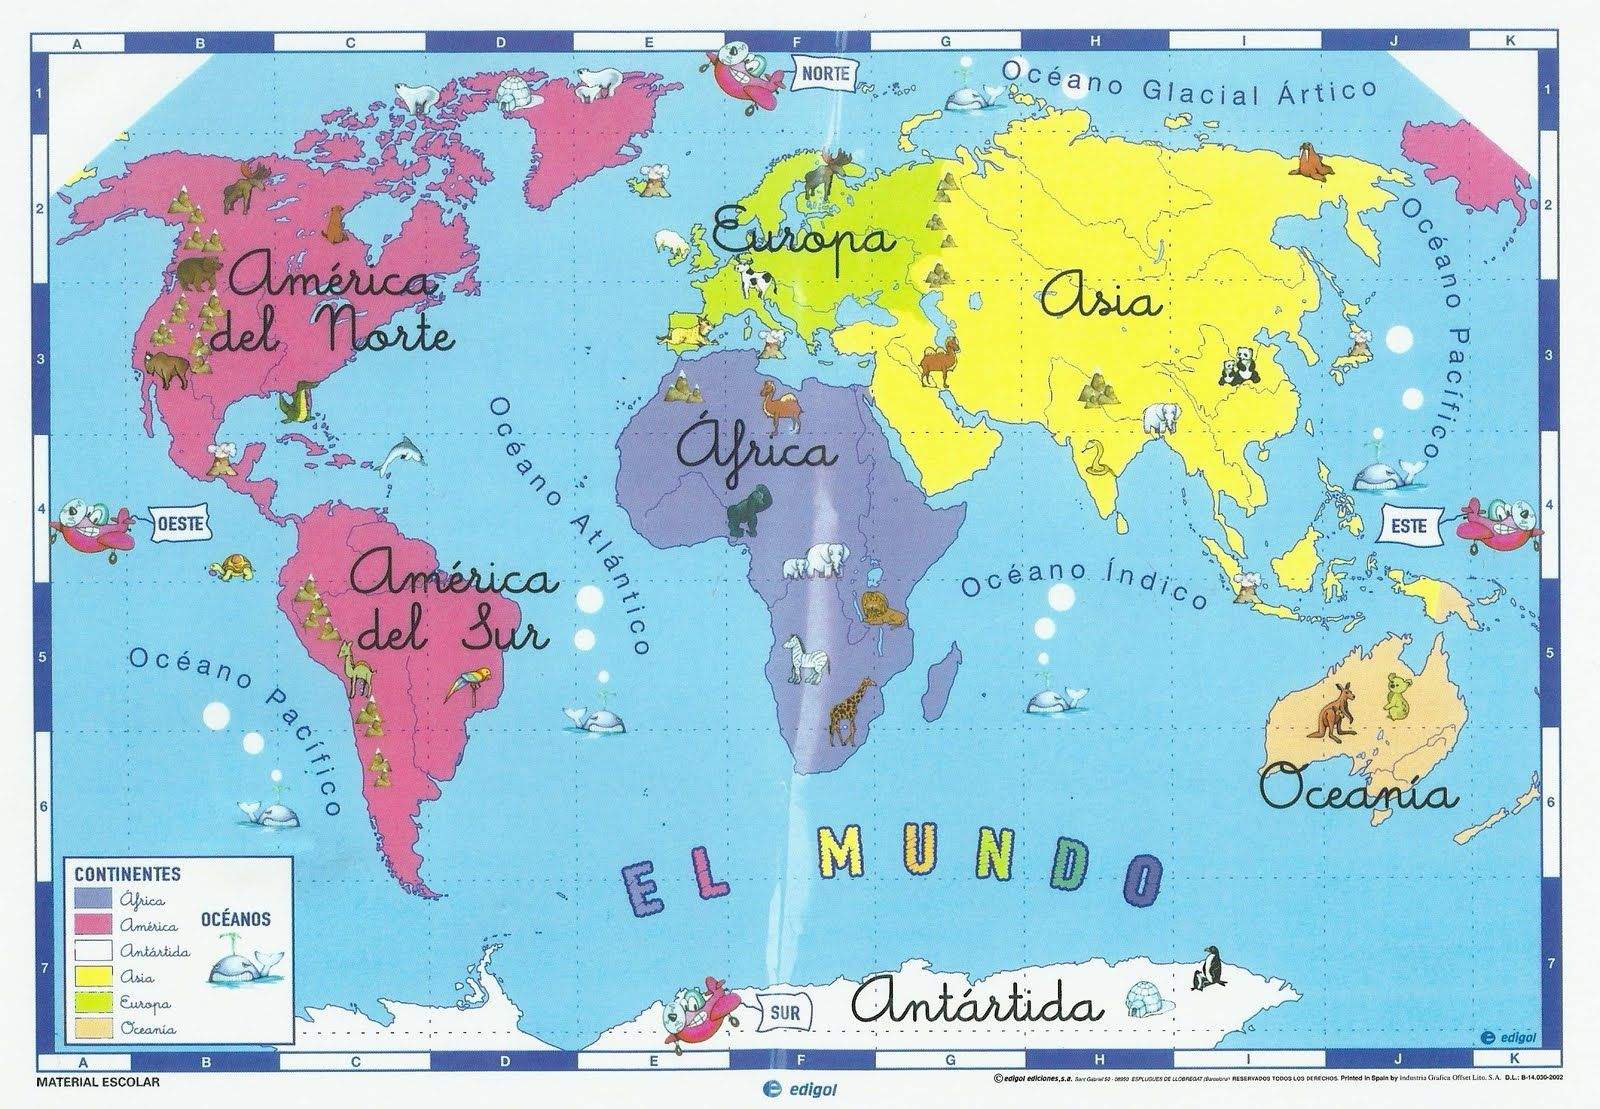 Blog de los nios mapas de espaa y del mundo para nios spanish blog de los nios mapas de espaa y del mundo para nios googlebook creatorsearchingmontessorispanishla vueltaworldmapmagnetic gumiabroncs Images